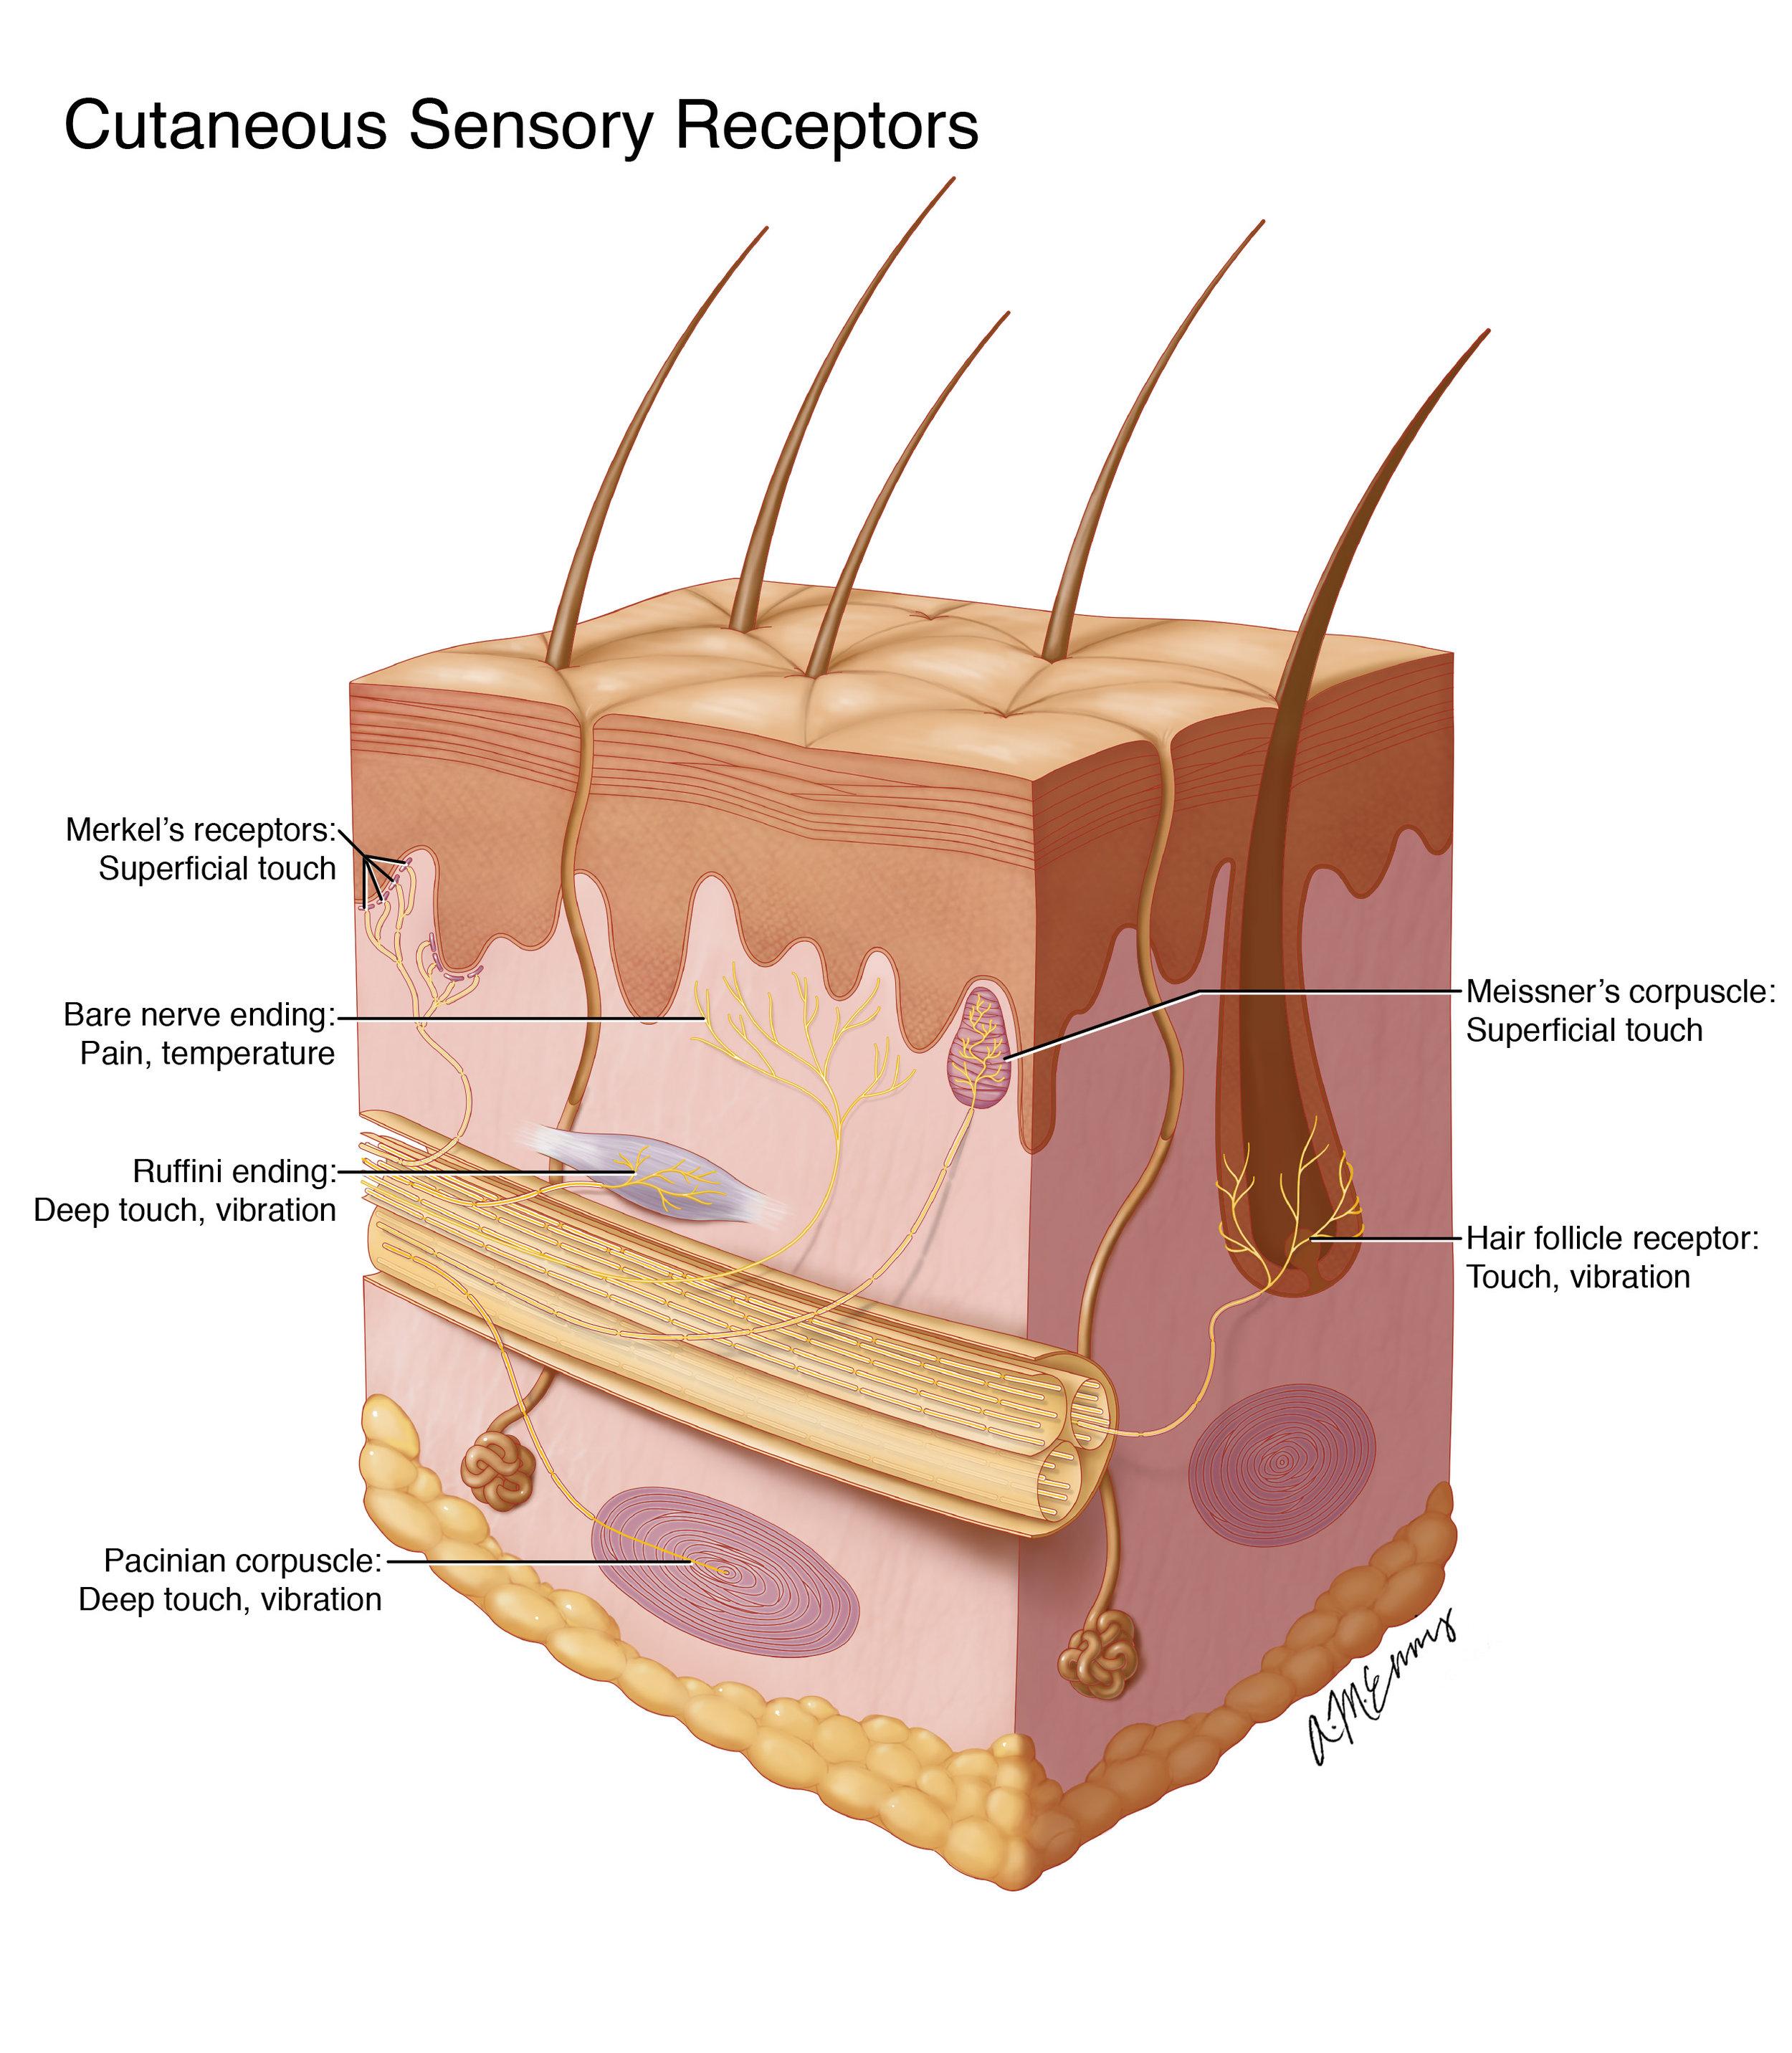 Cutaneous Sensory Receptors